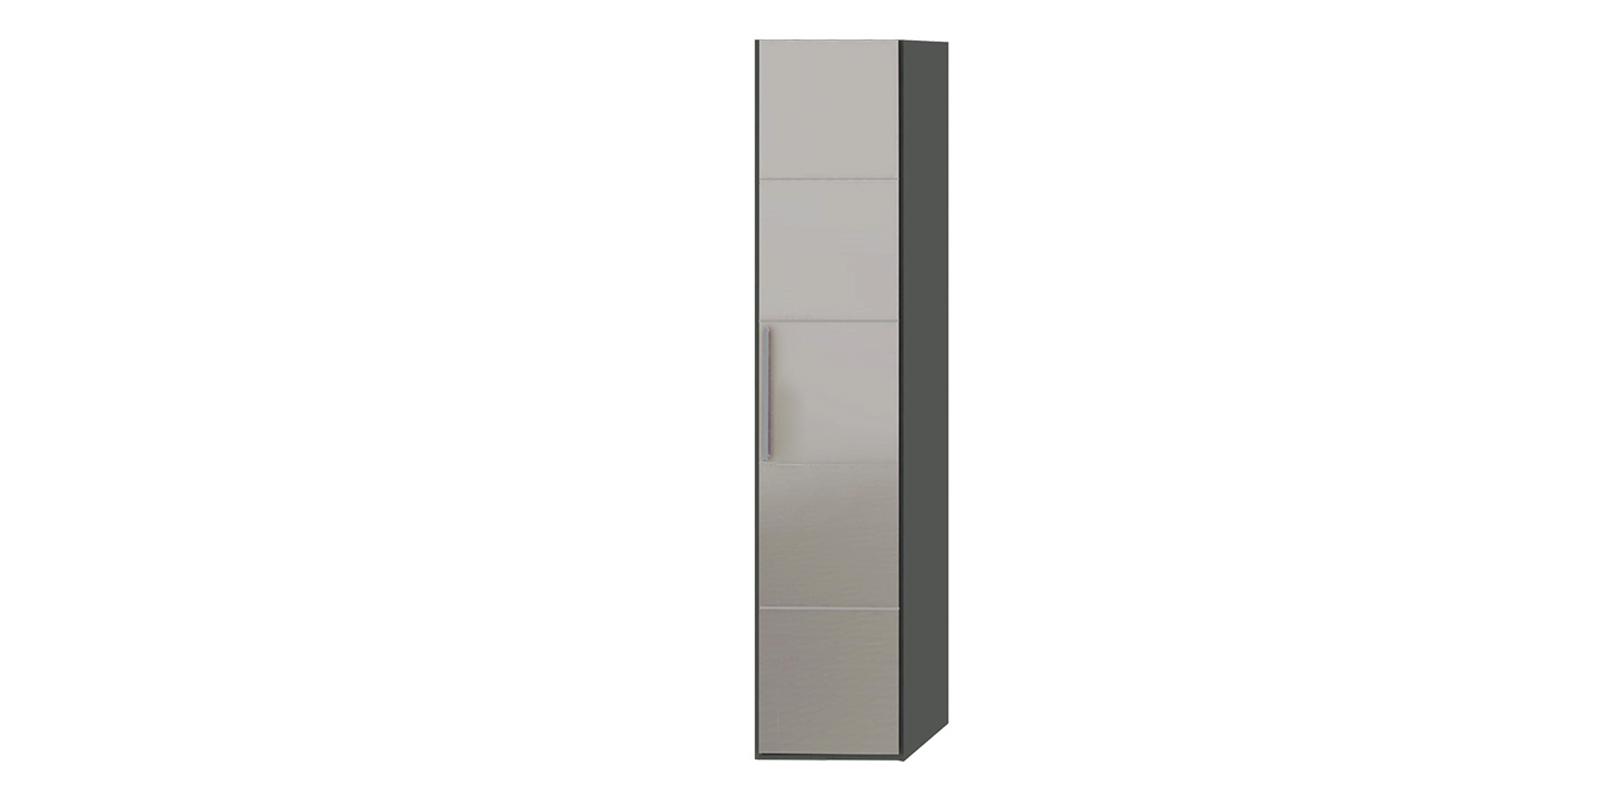 Шкаф распашной однодверный Сорренто торцевой вариант №2 правый (коричневый/зеркало)